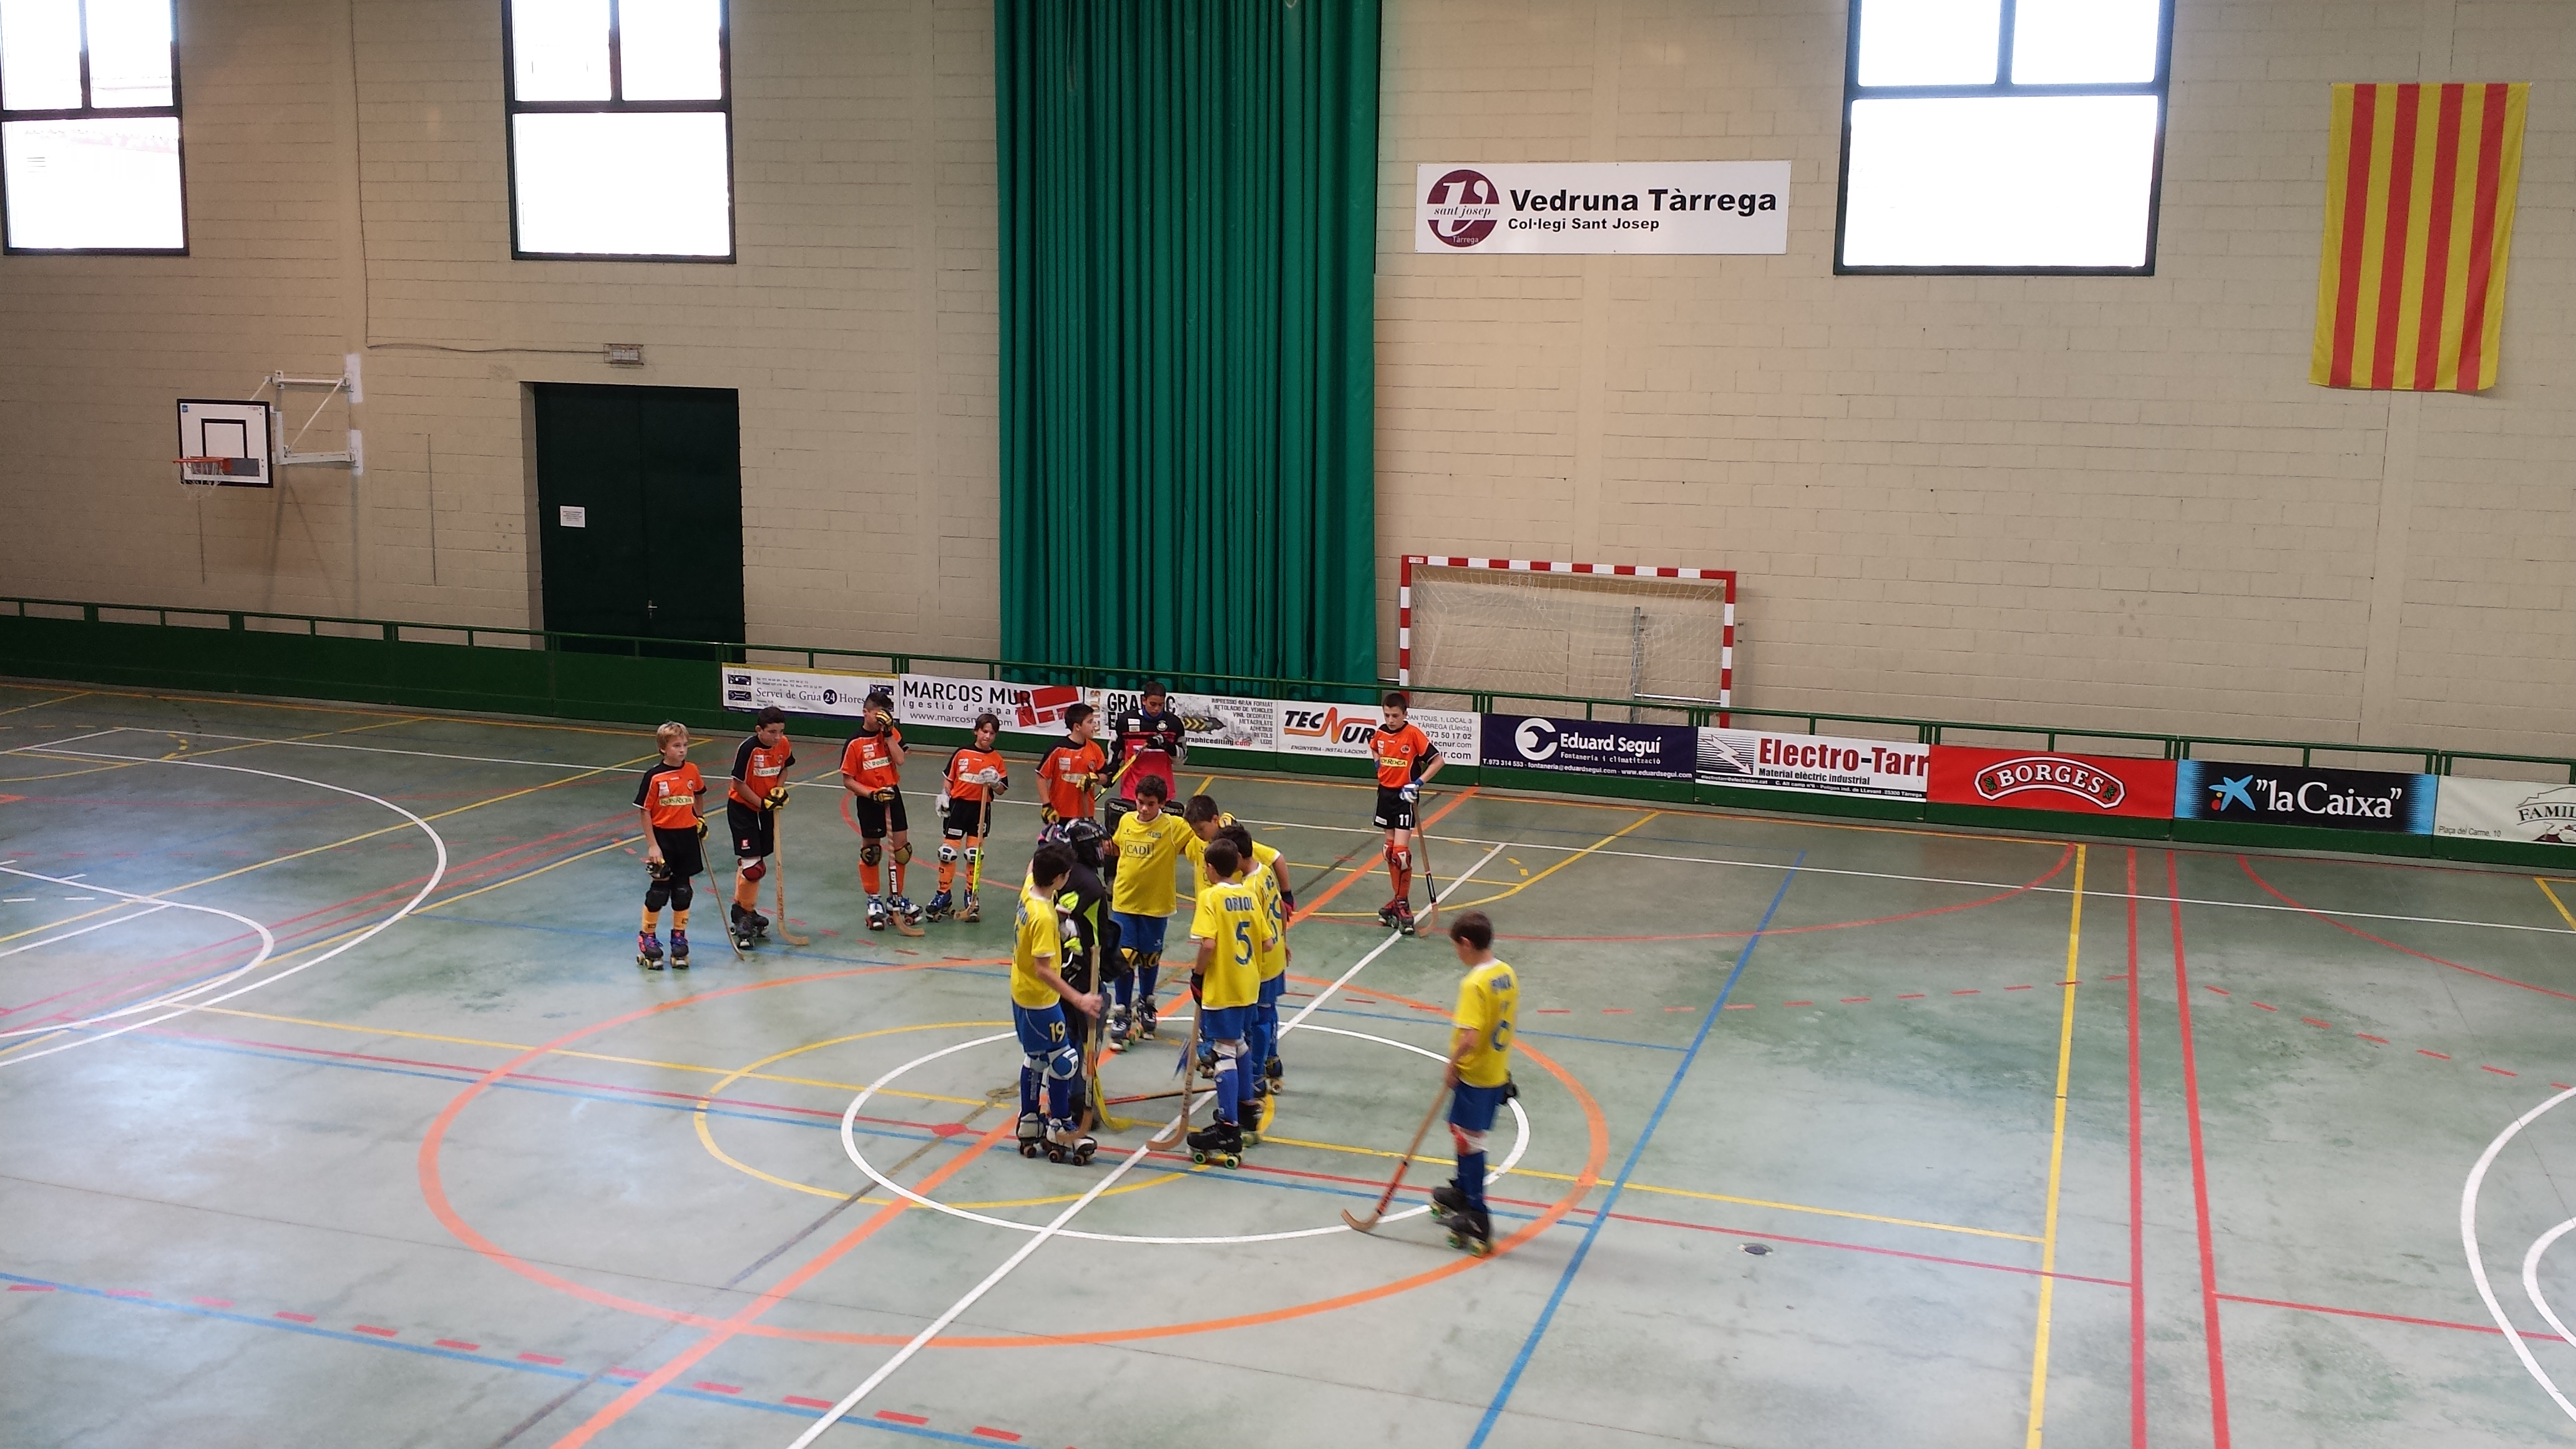 Crónica Tàrrega Hoquei Patins Club   13/14 de Gener 2018